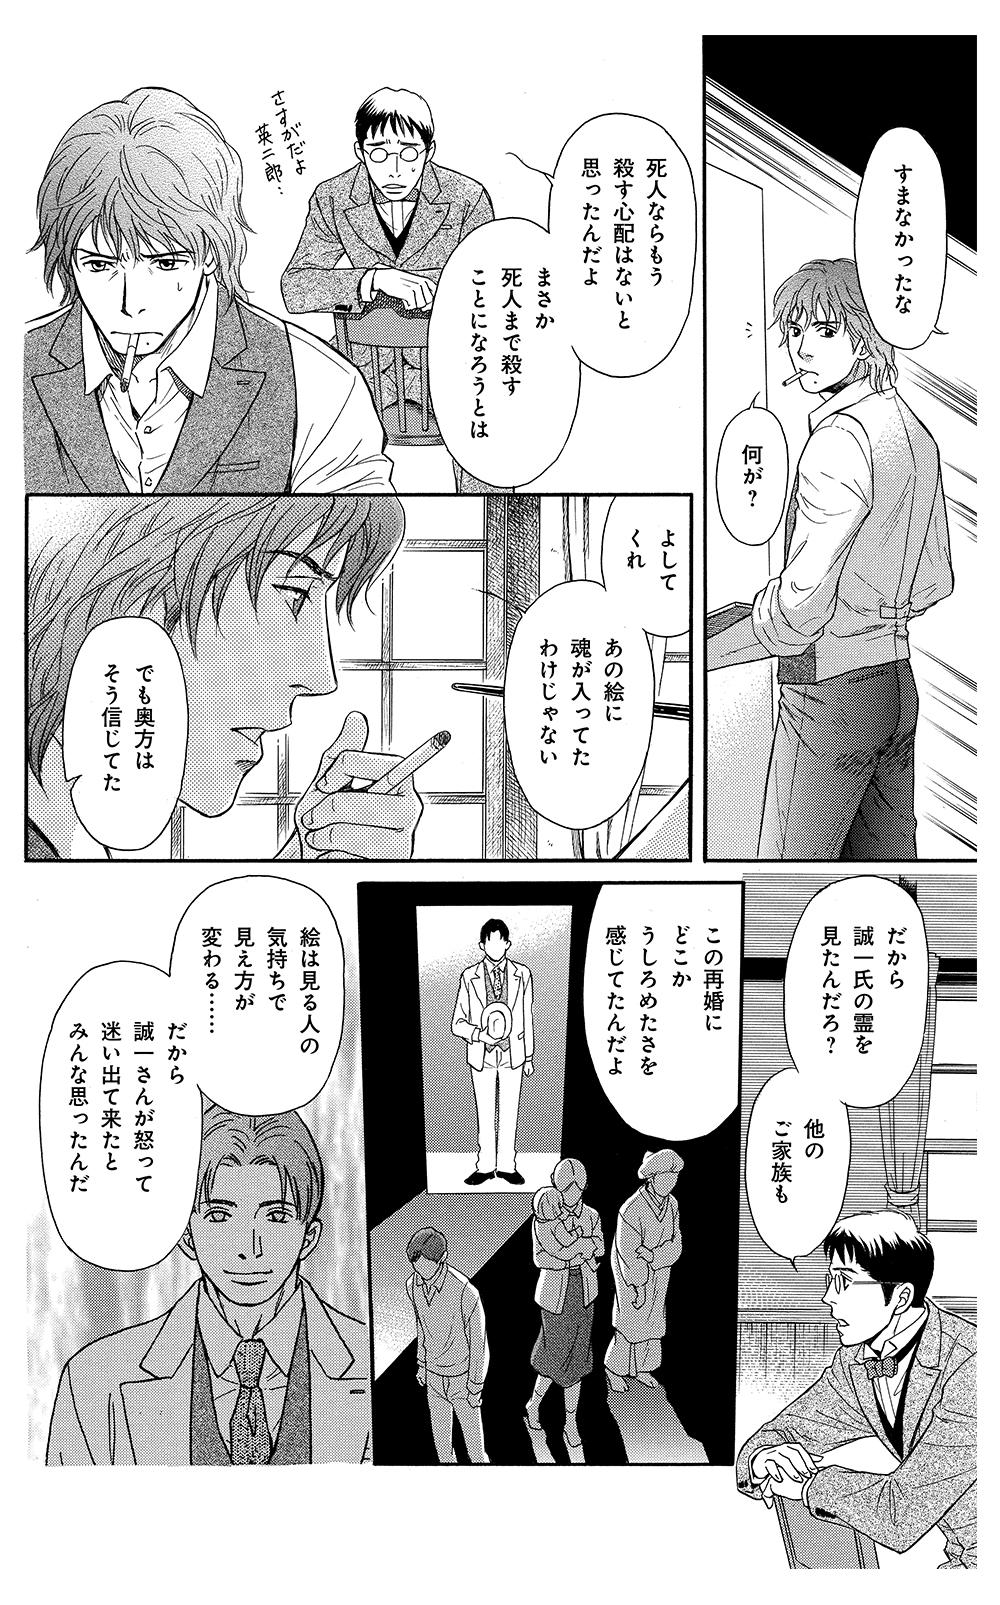 鵼の絵師 第1話「鵼の絵師」②nue-1-26.jpg